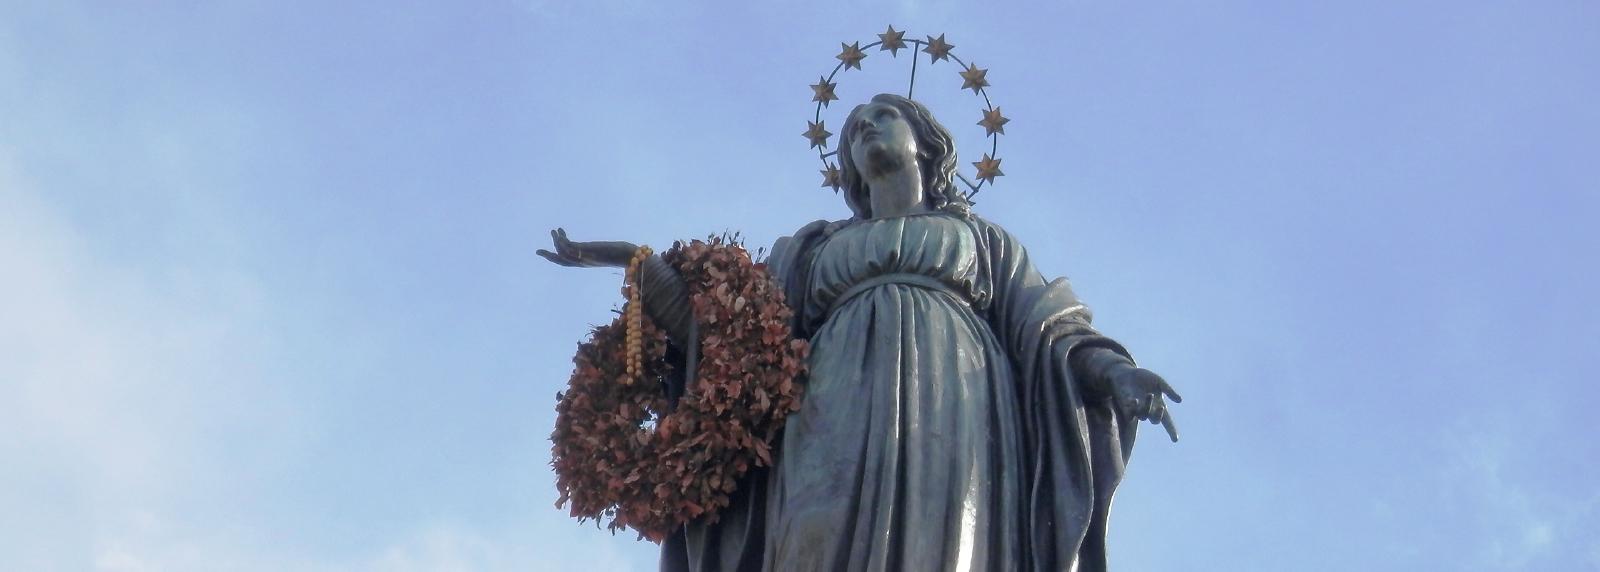 O que a Imaculada Conceição e a União Européia têm em comum?